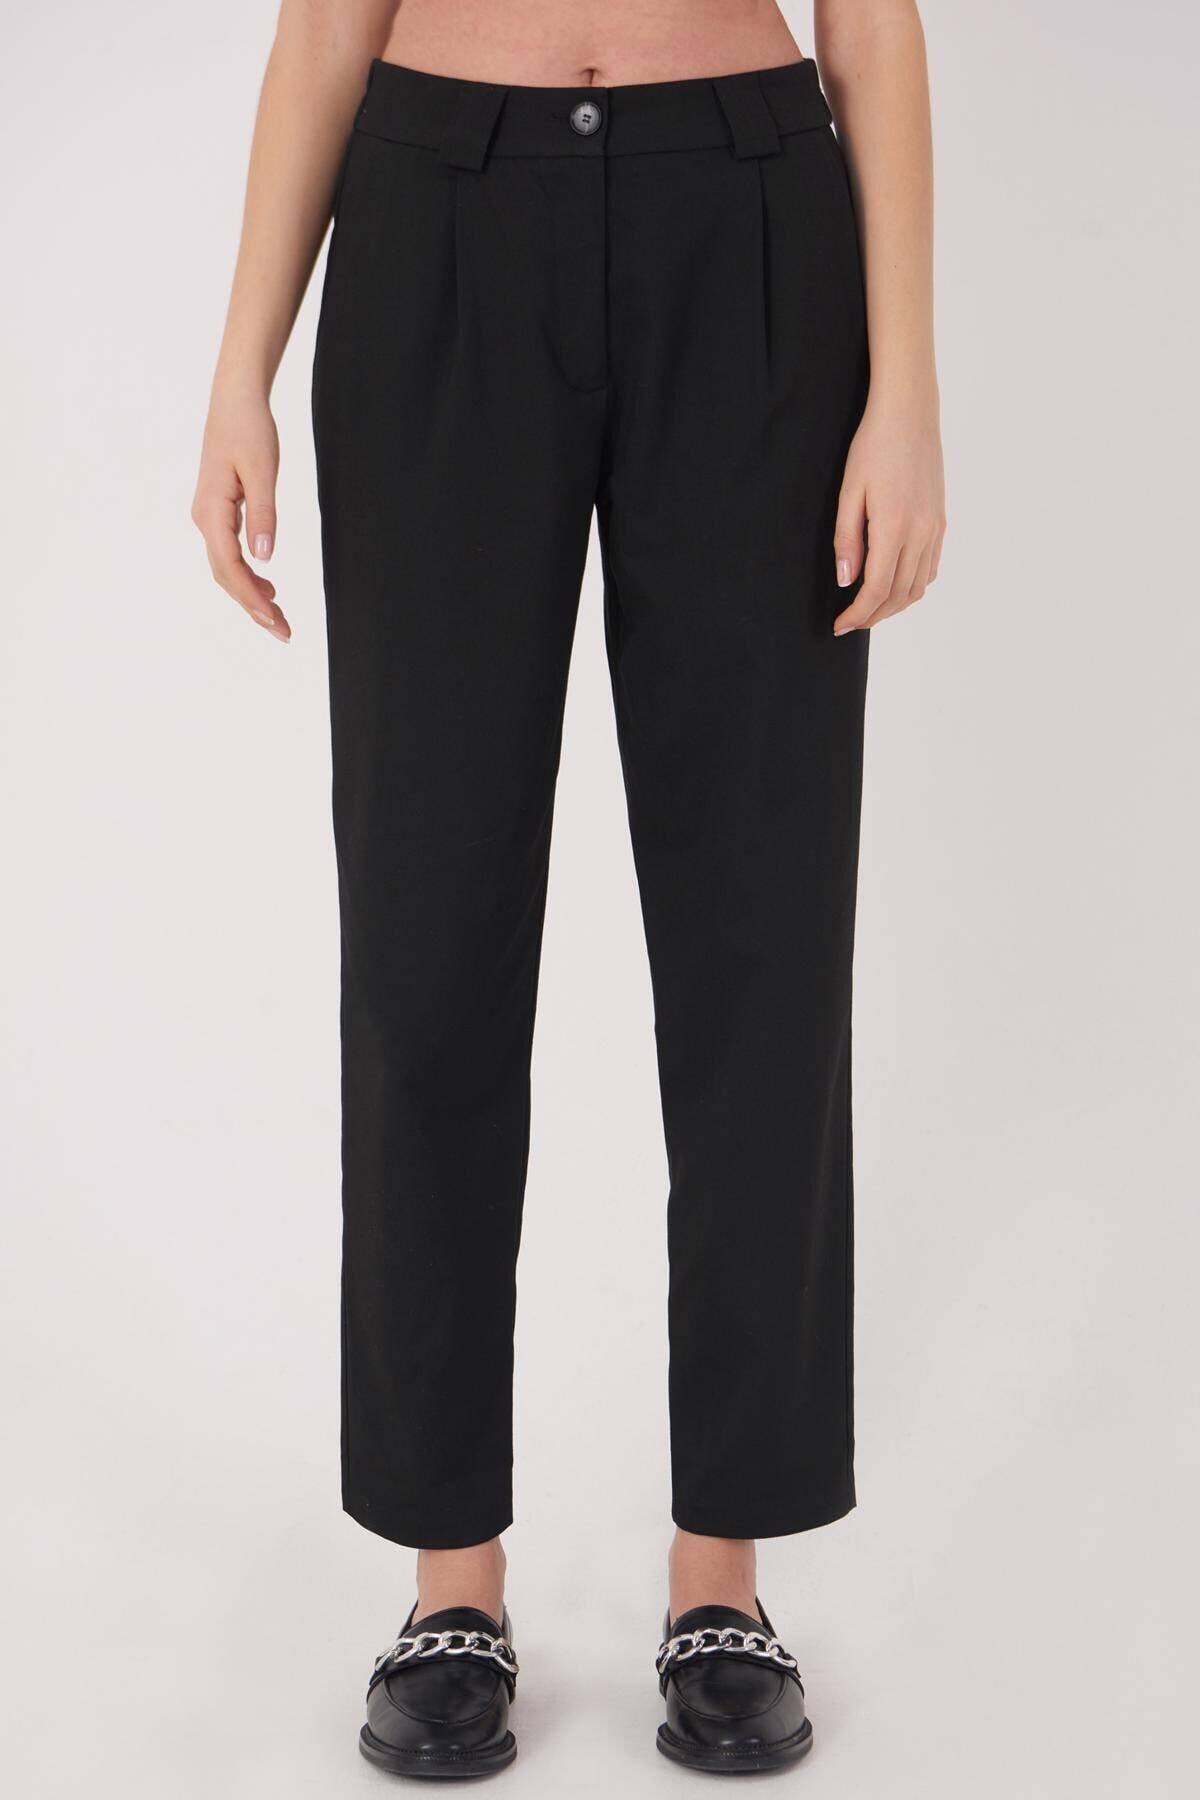 Addax Kadın Siyah Cep Detaylı Pantolon Pn8096 - E6 Adx-0000023579